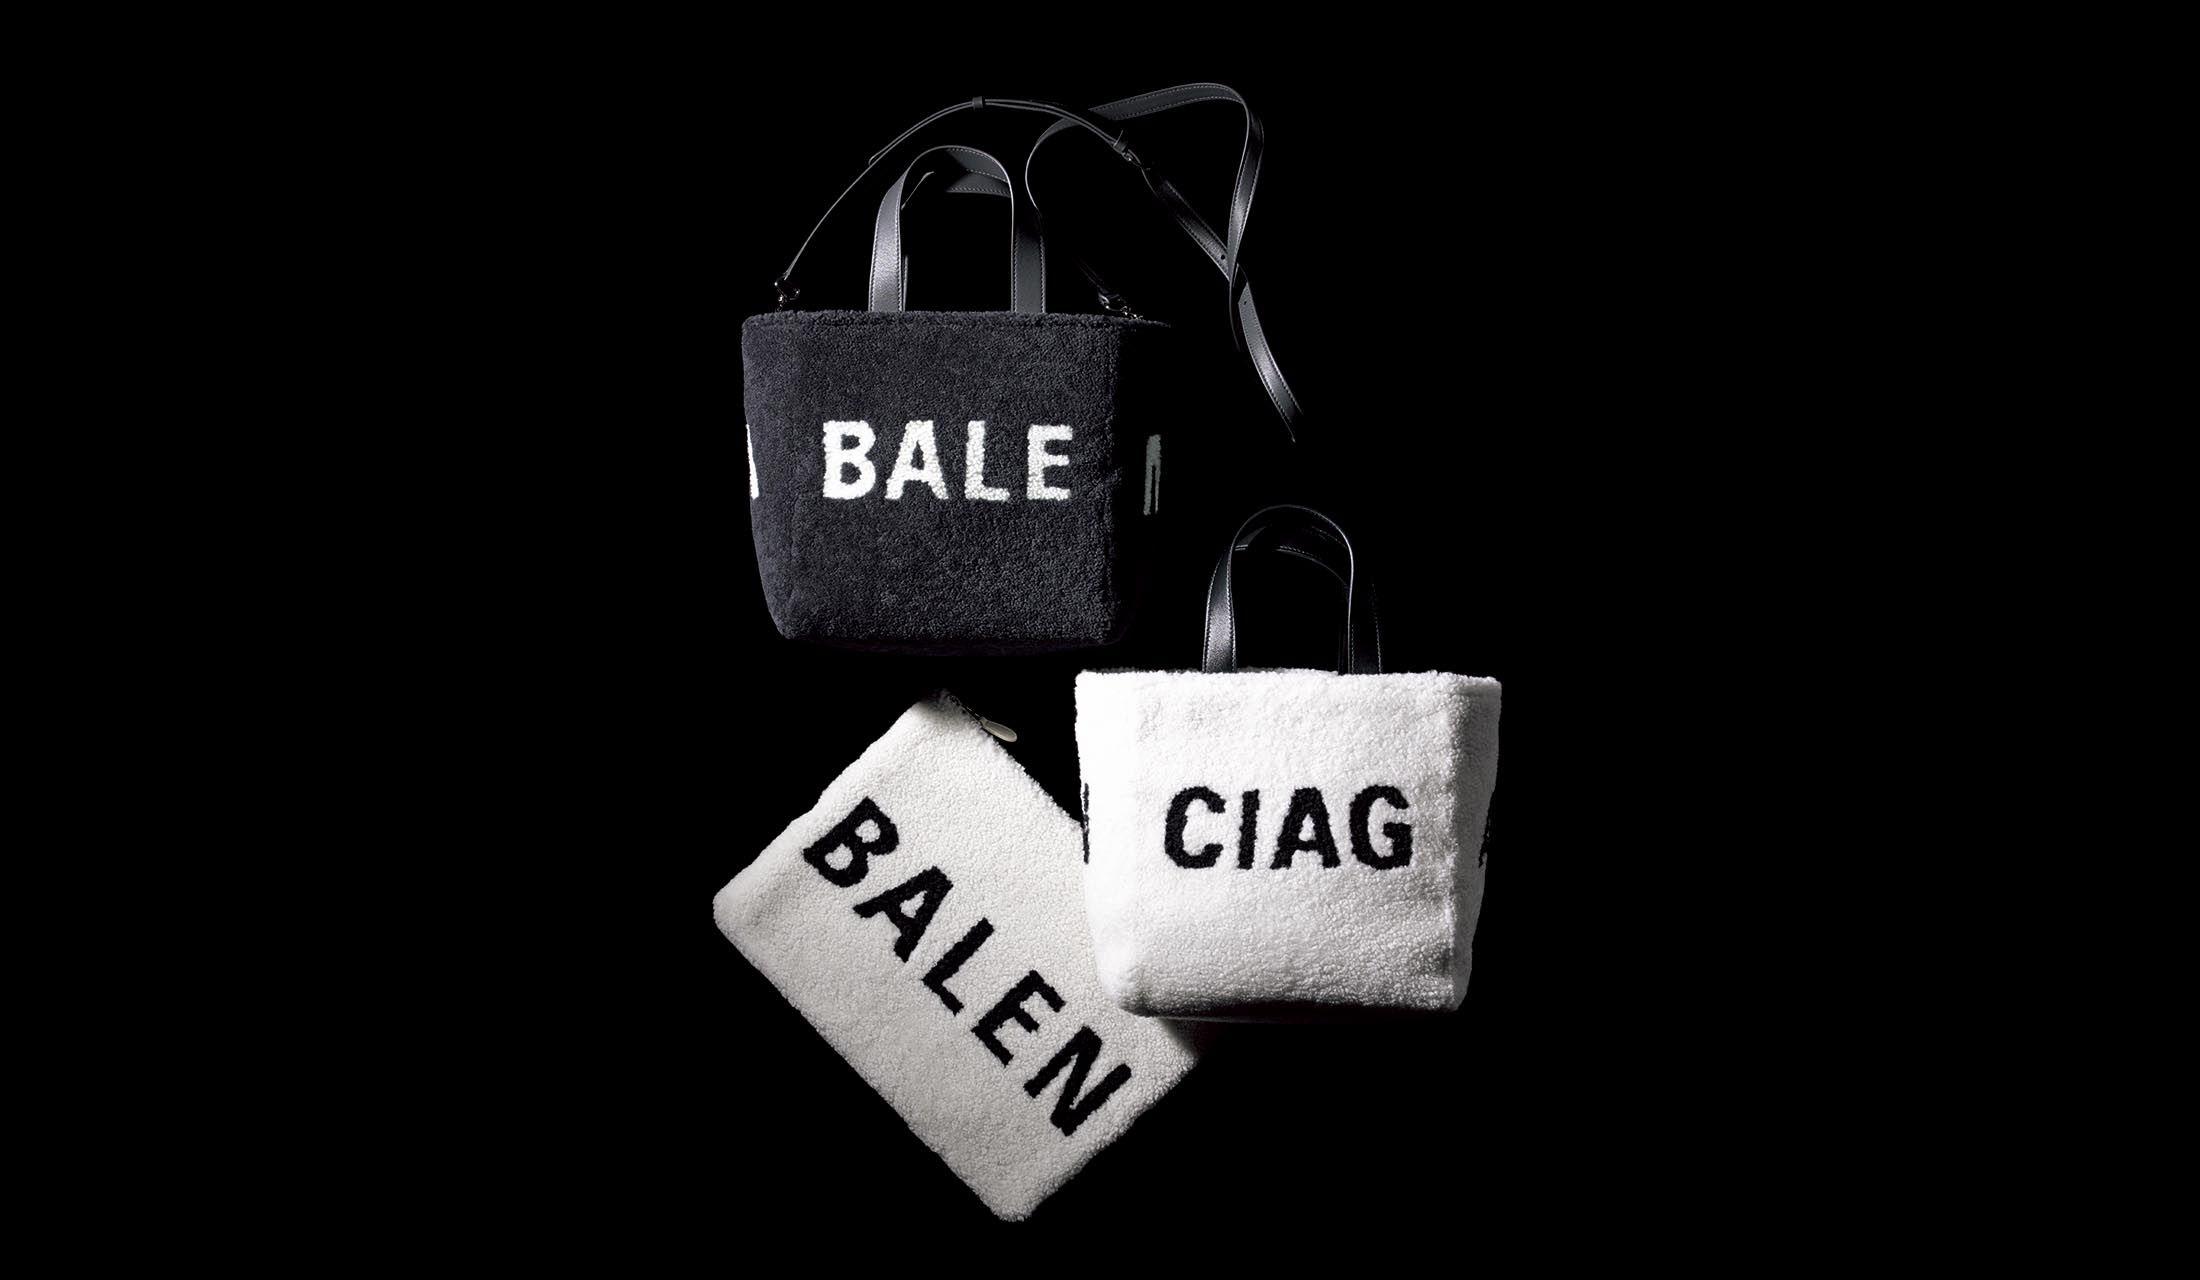 バレンシアガのムートンバッグ「エブリデイ」と「ポーチ シアリング」